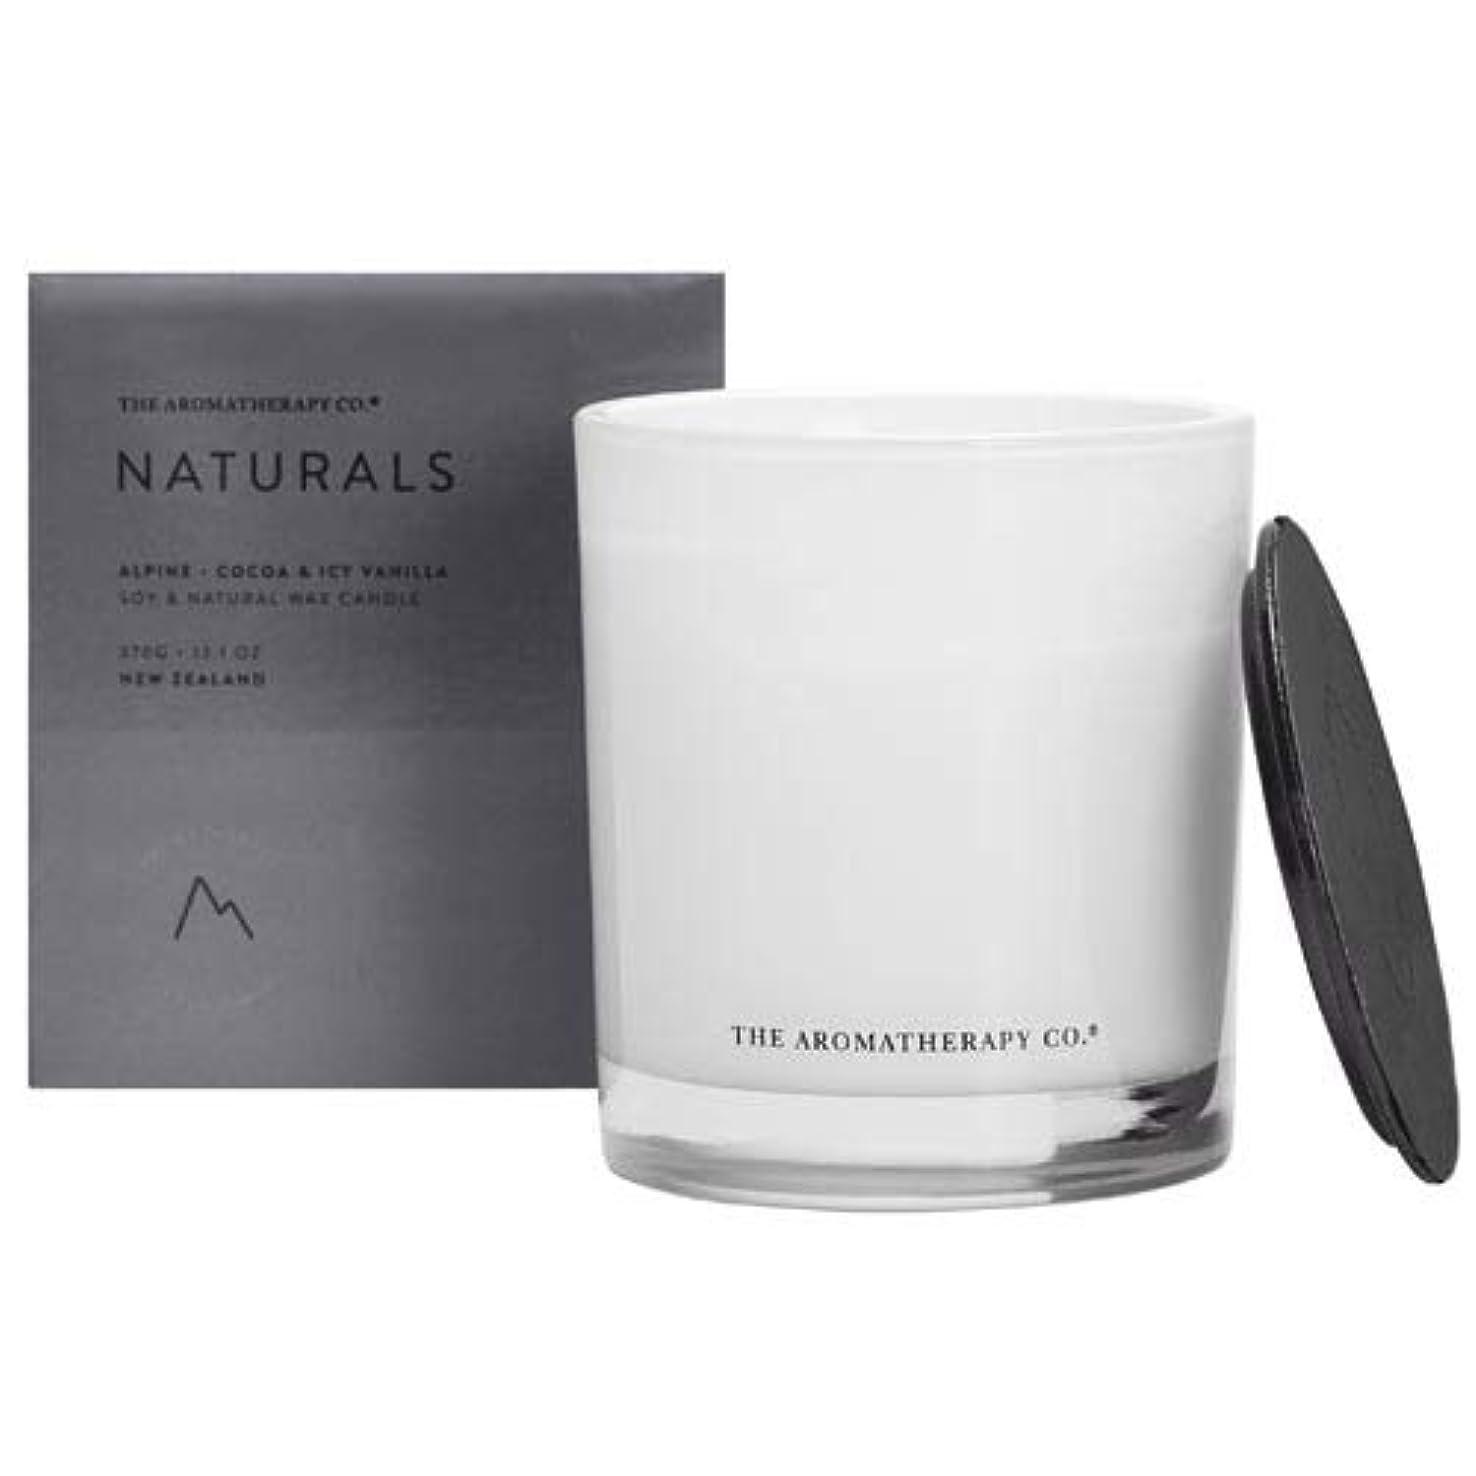 無人位置づける南アメリカアロマセラピーカンパニー(Aromatherapy Company) new NATURALS ナチュラルズ Candle キャンドル Alpine アルパイン(山) Cocoa & Icy Vanilla ココア&アイシーバニラ